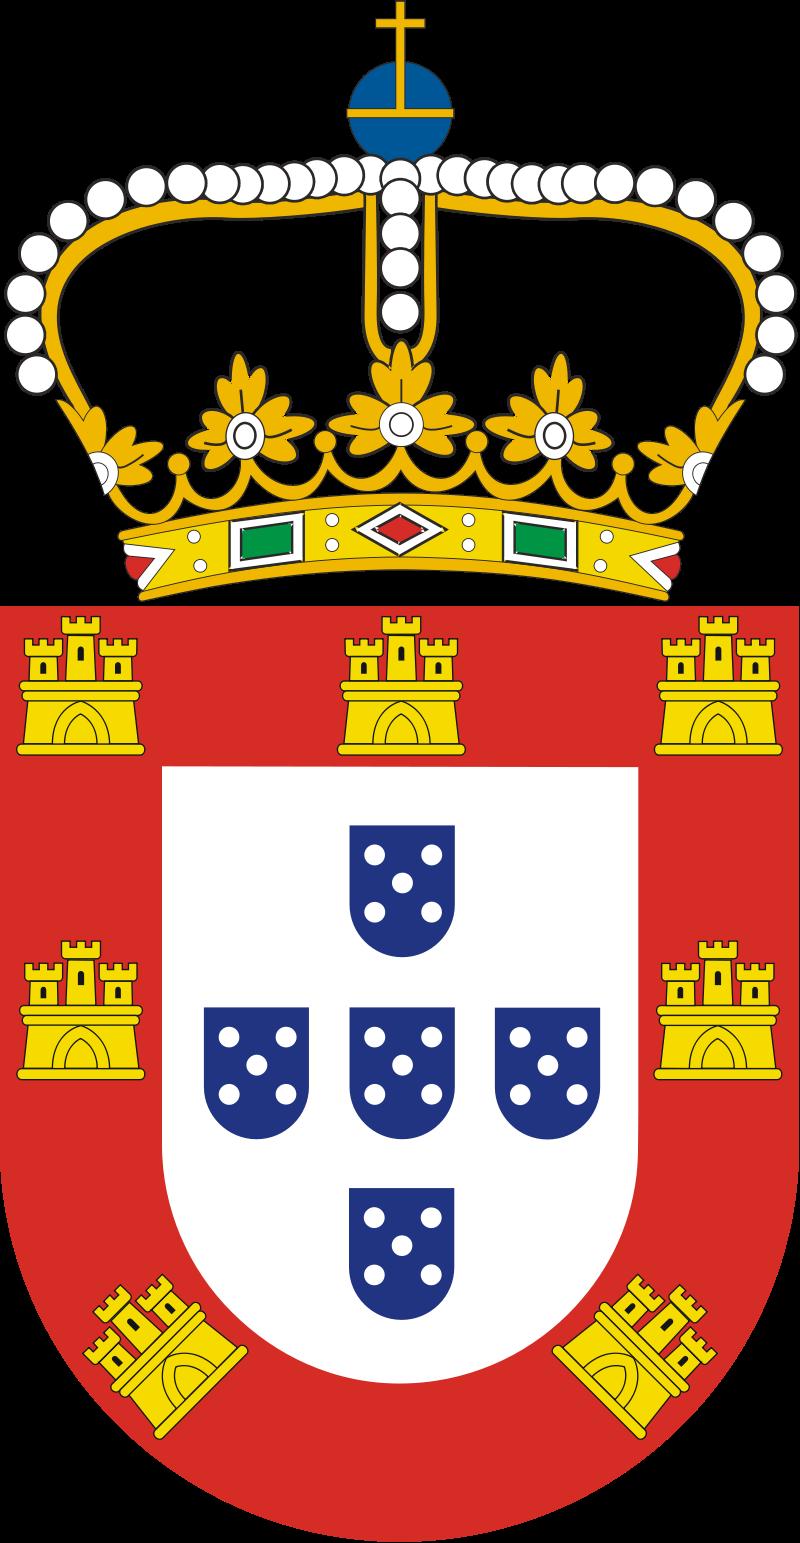 Instituiu o Conselho de Guerra em 1640 e organizou a defesa de Portugal contra Espanha, tanto na metrópole como na América, África e Ásia